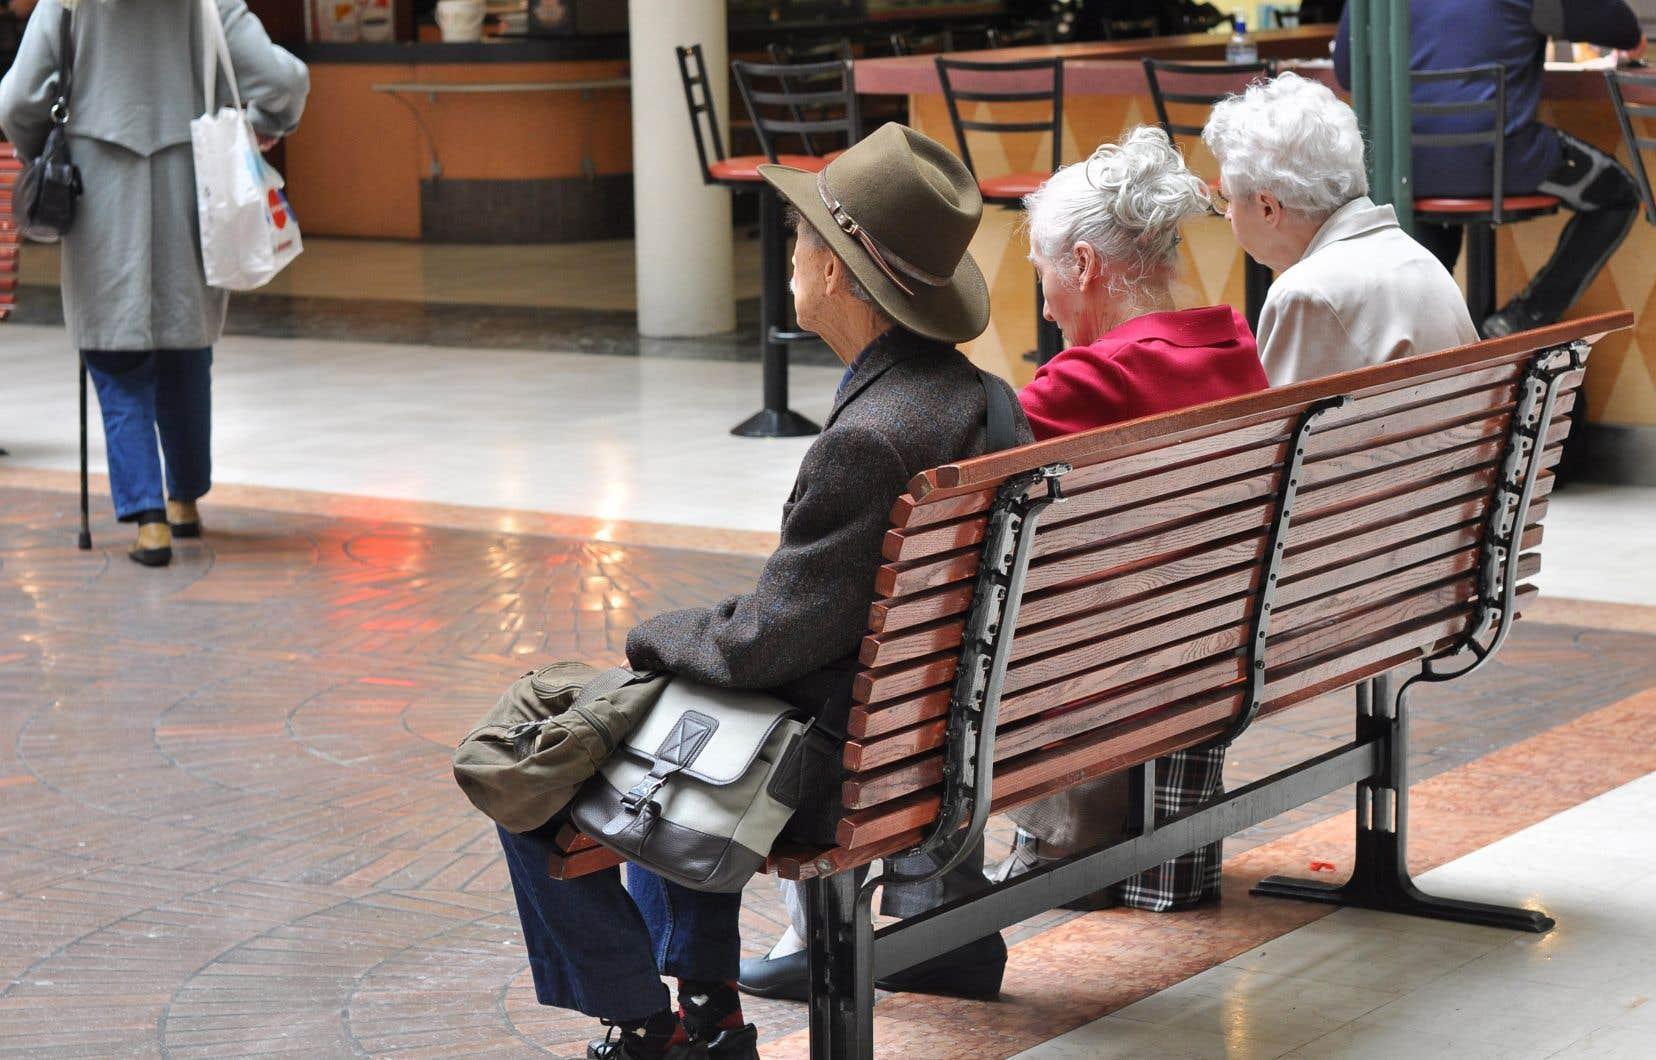 L'épargne-retraite est une priorité pour seulement 23% des répondants, un recul de neuf points de pourcentage par rapport au résultat d'un sondage similaire réalisé en 2017.